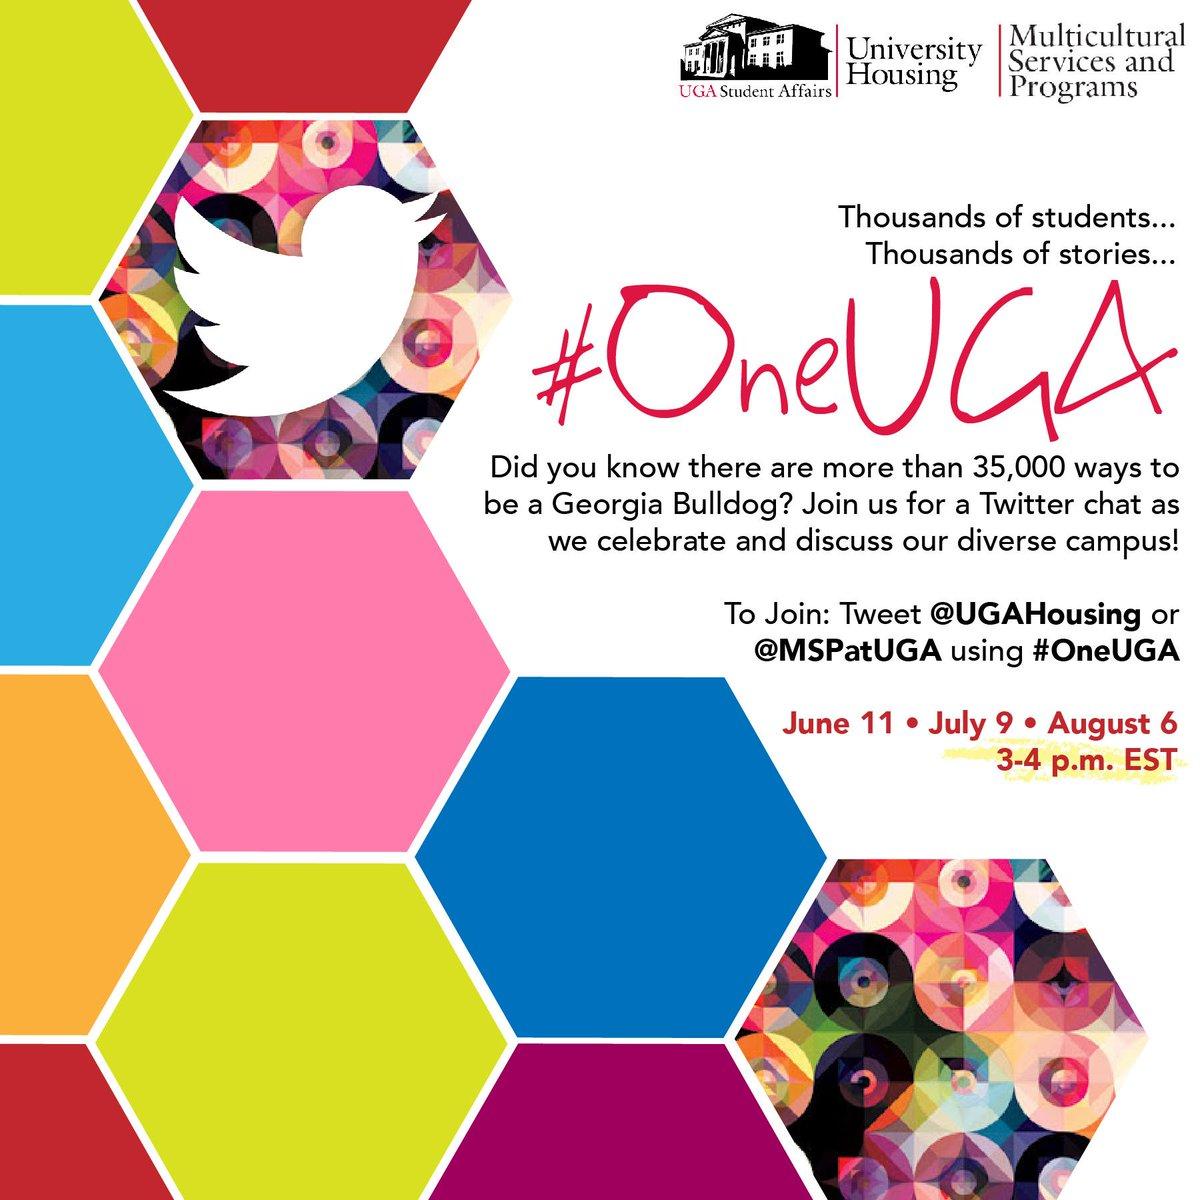 Thumbnail for #OneUGA Chat 08.06.15